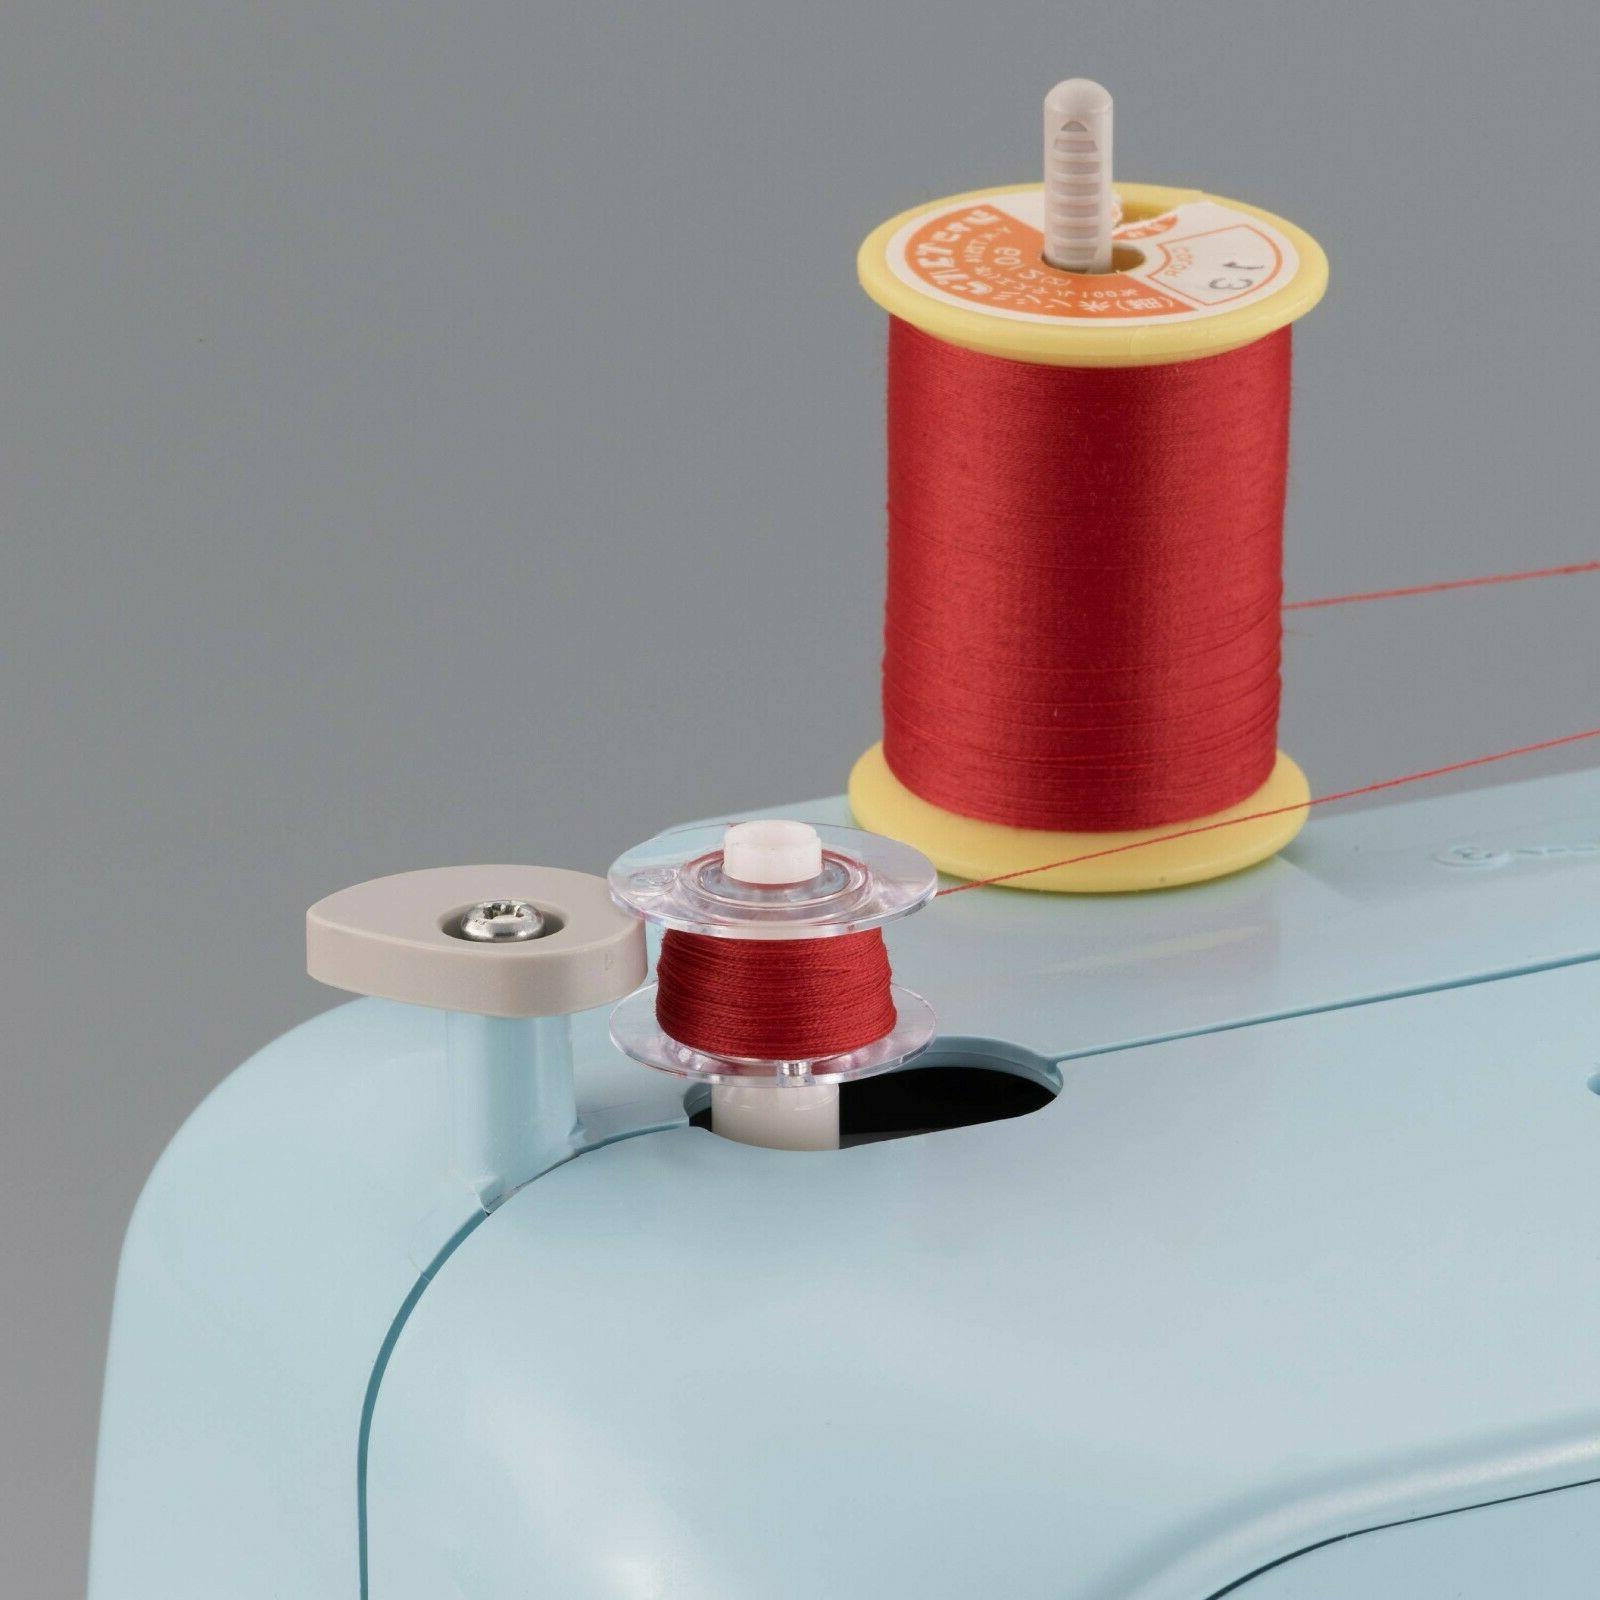 BRAND Full-Size Sewing Machine Stitch LX3817A Aqua Blue